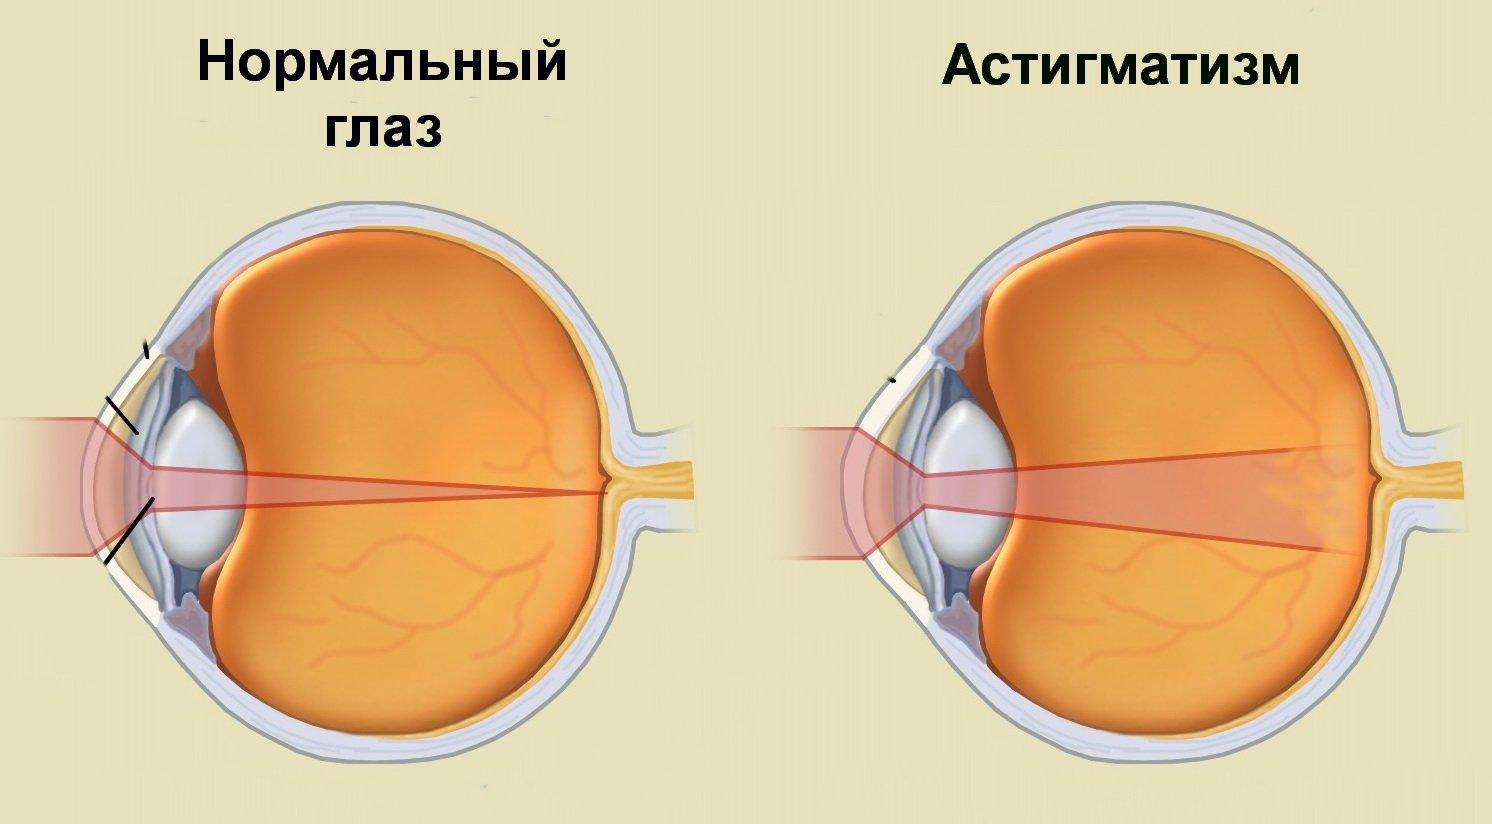 táplálkozás a látás fenntartása érdekében látási tesztek